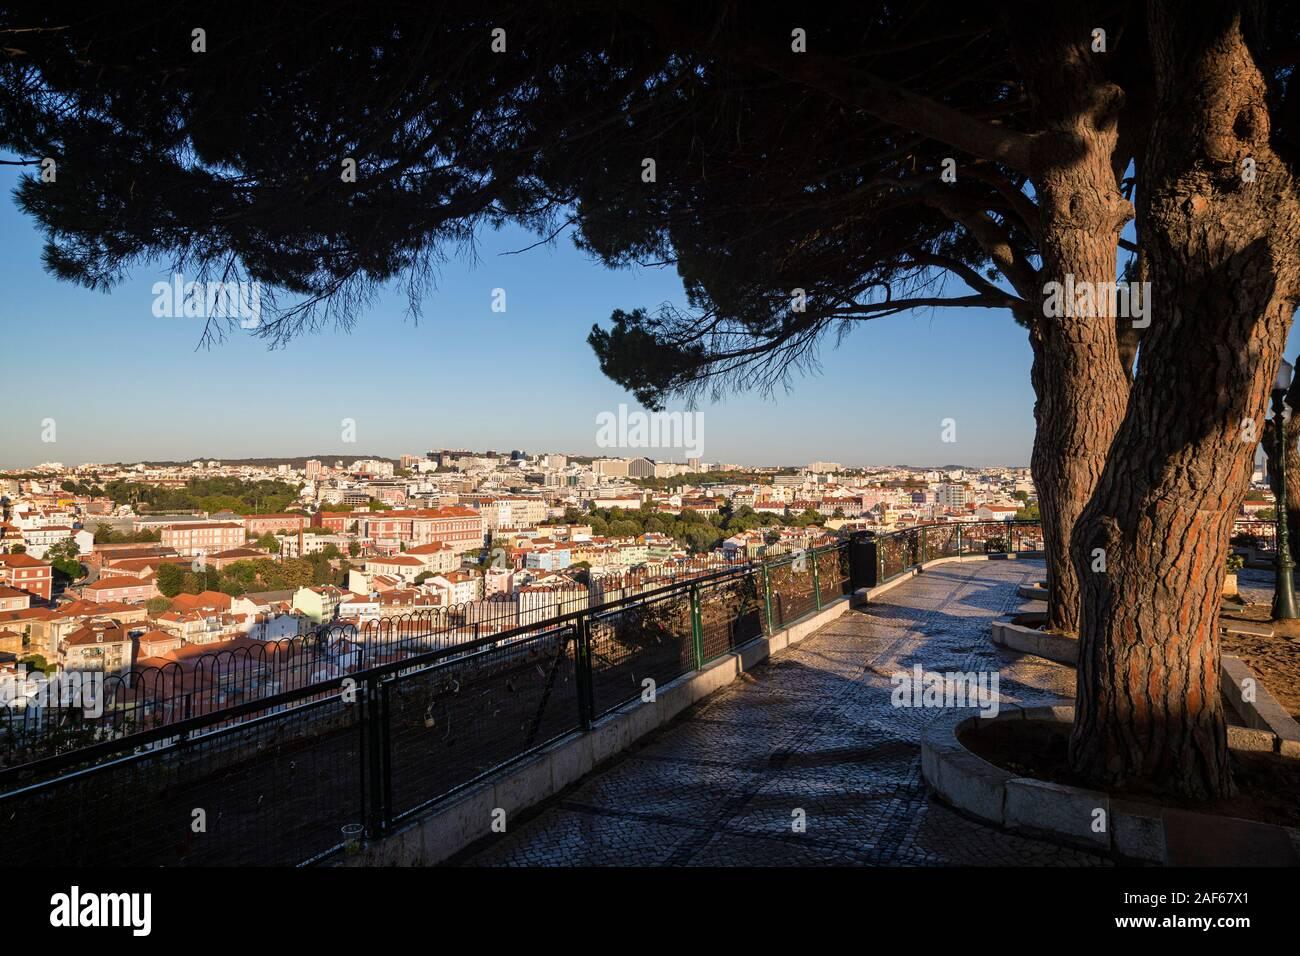 Leere Miradouro Da Senhora Do Monte Aussichtspunkt Und Blick Auf Die Stadt In Der Innenstadt Von Lissabon Portugal An Einem Sonnigen Tag Im Sommer Stockfotografie Alamy